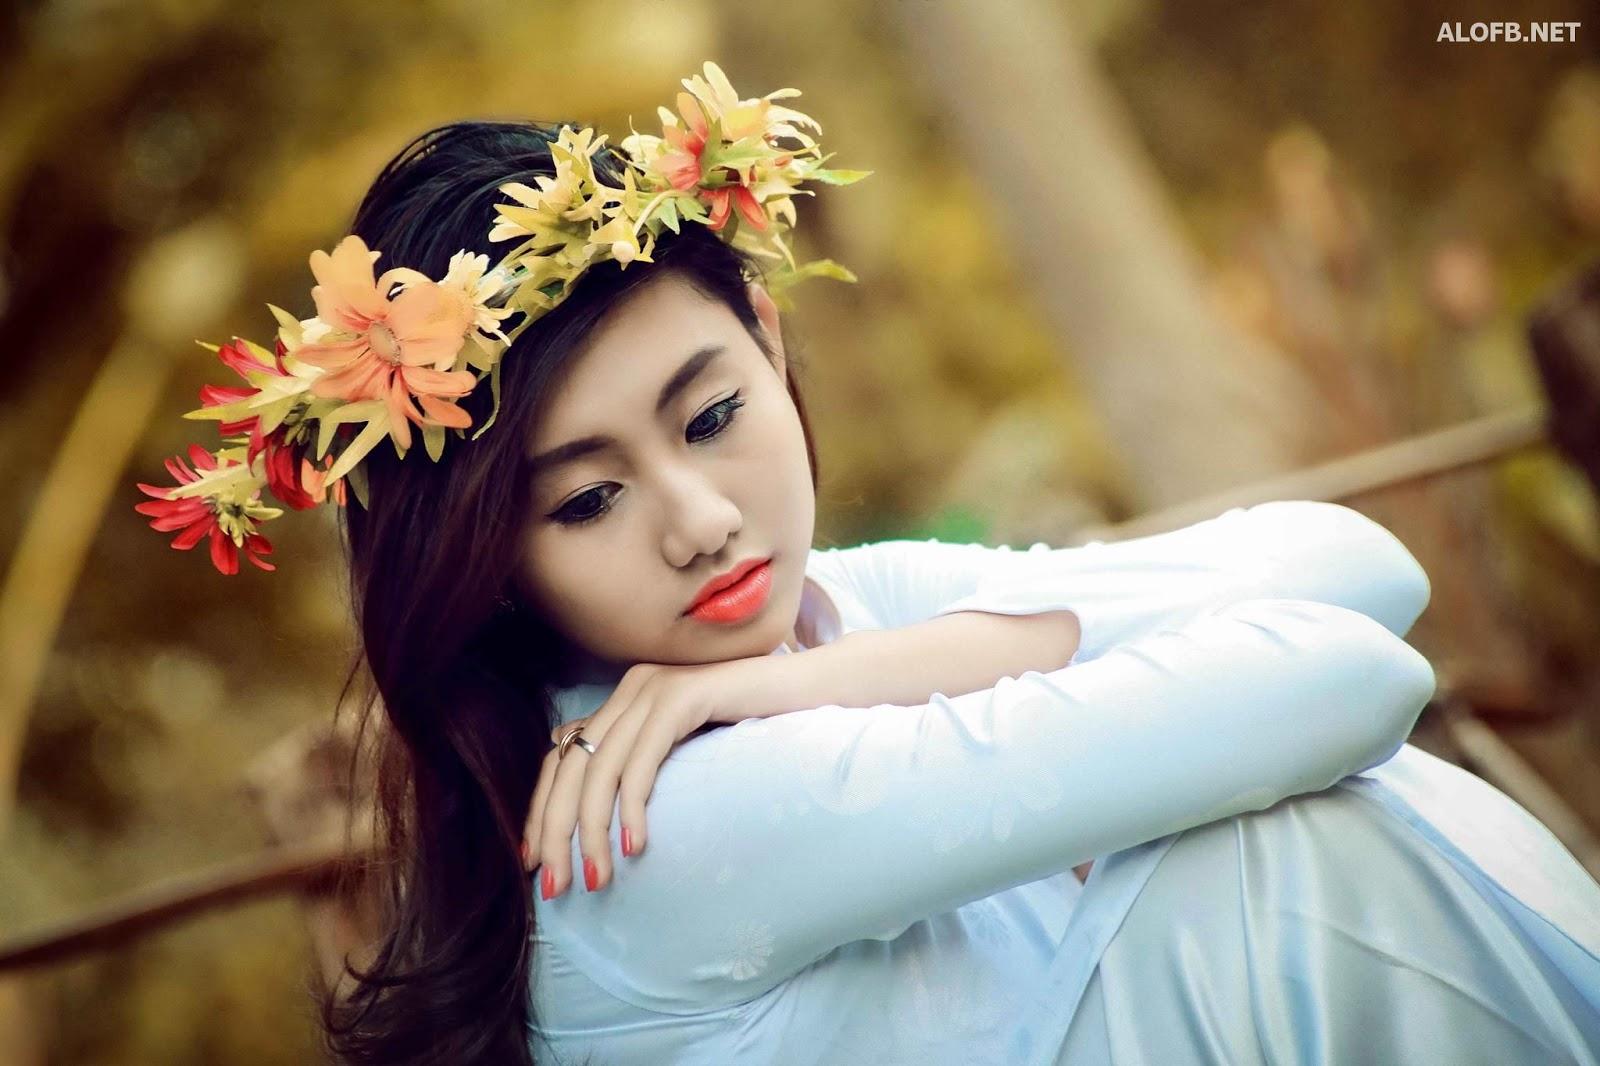 775672 512587815460417 1942430803 o alofb.net - Hình Nền - Ảnh Bìa HOT GIRL Mai Xuân Thuý Vy (Vy Timy)